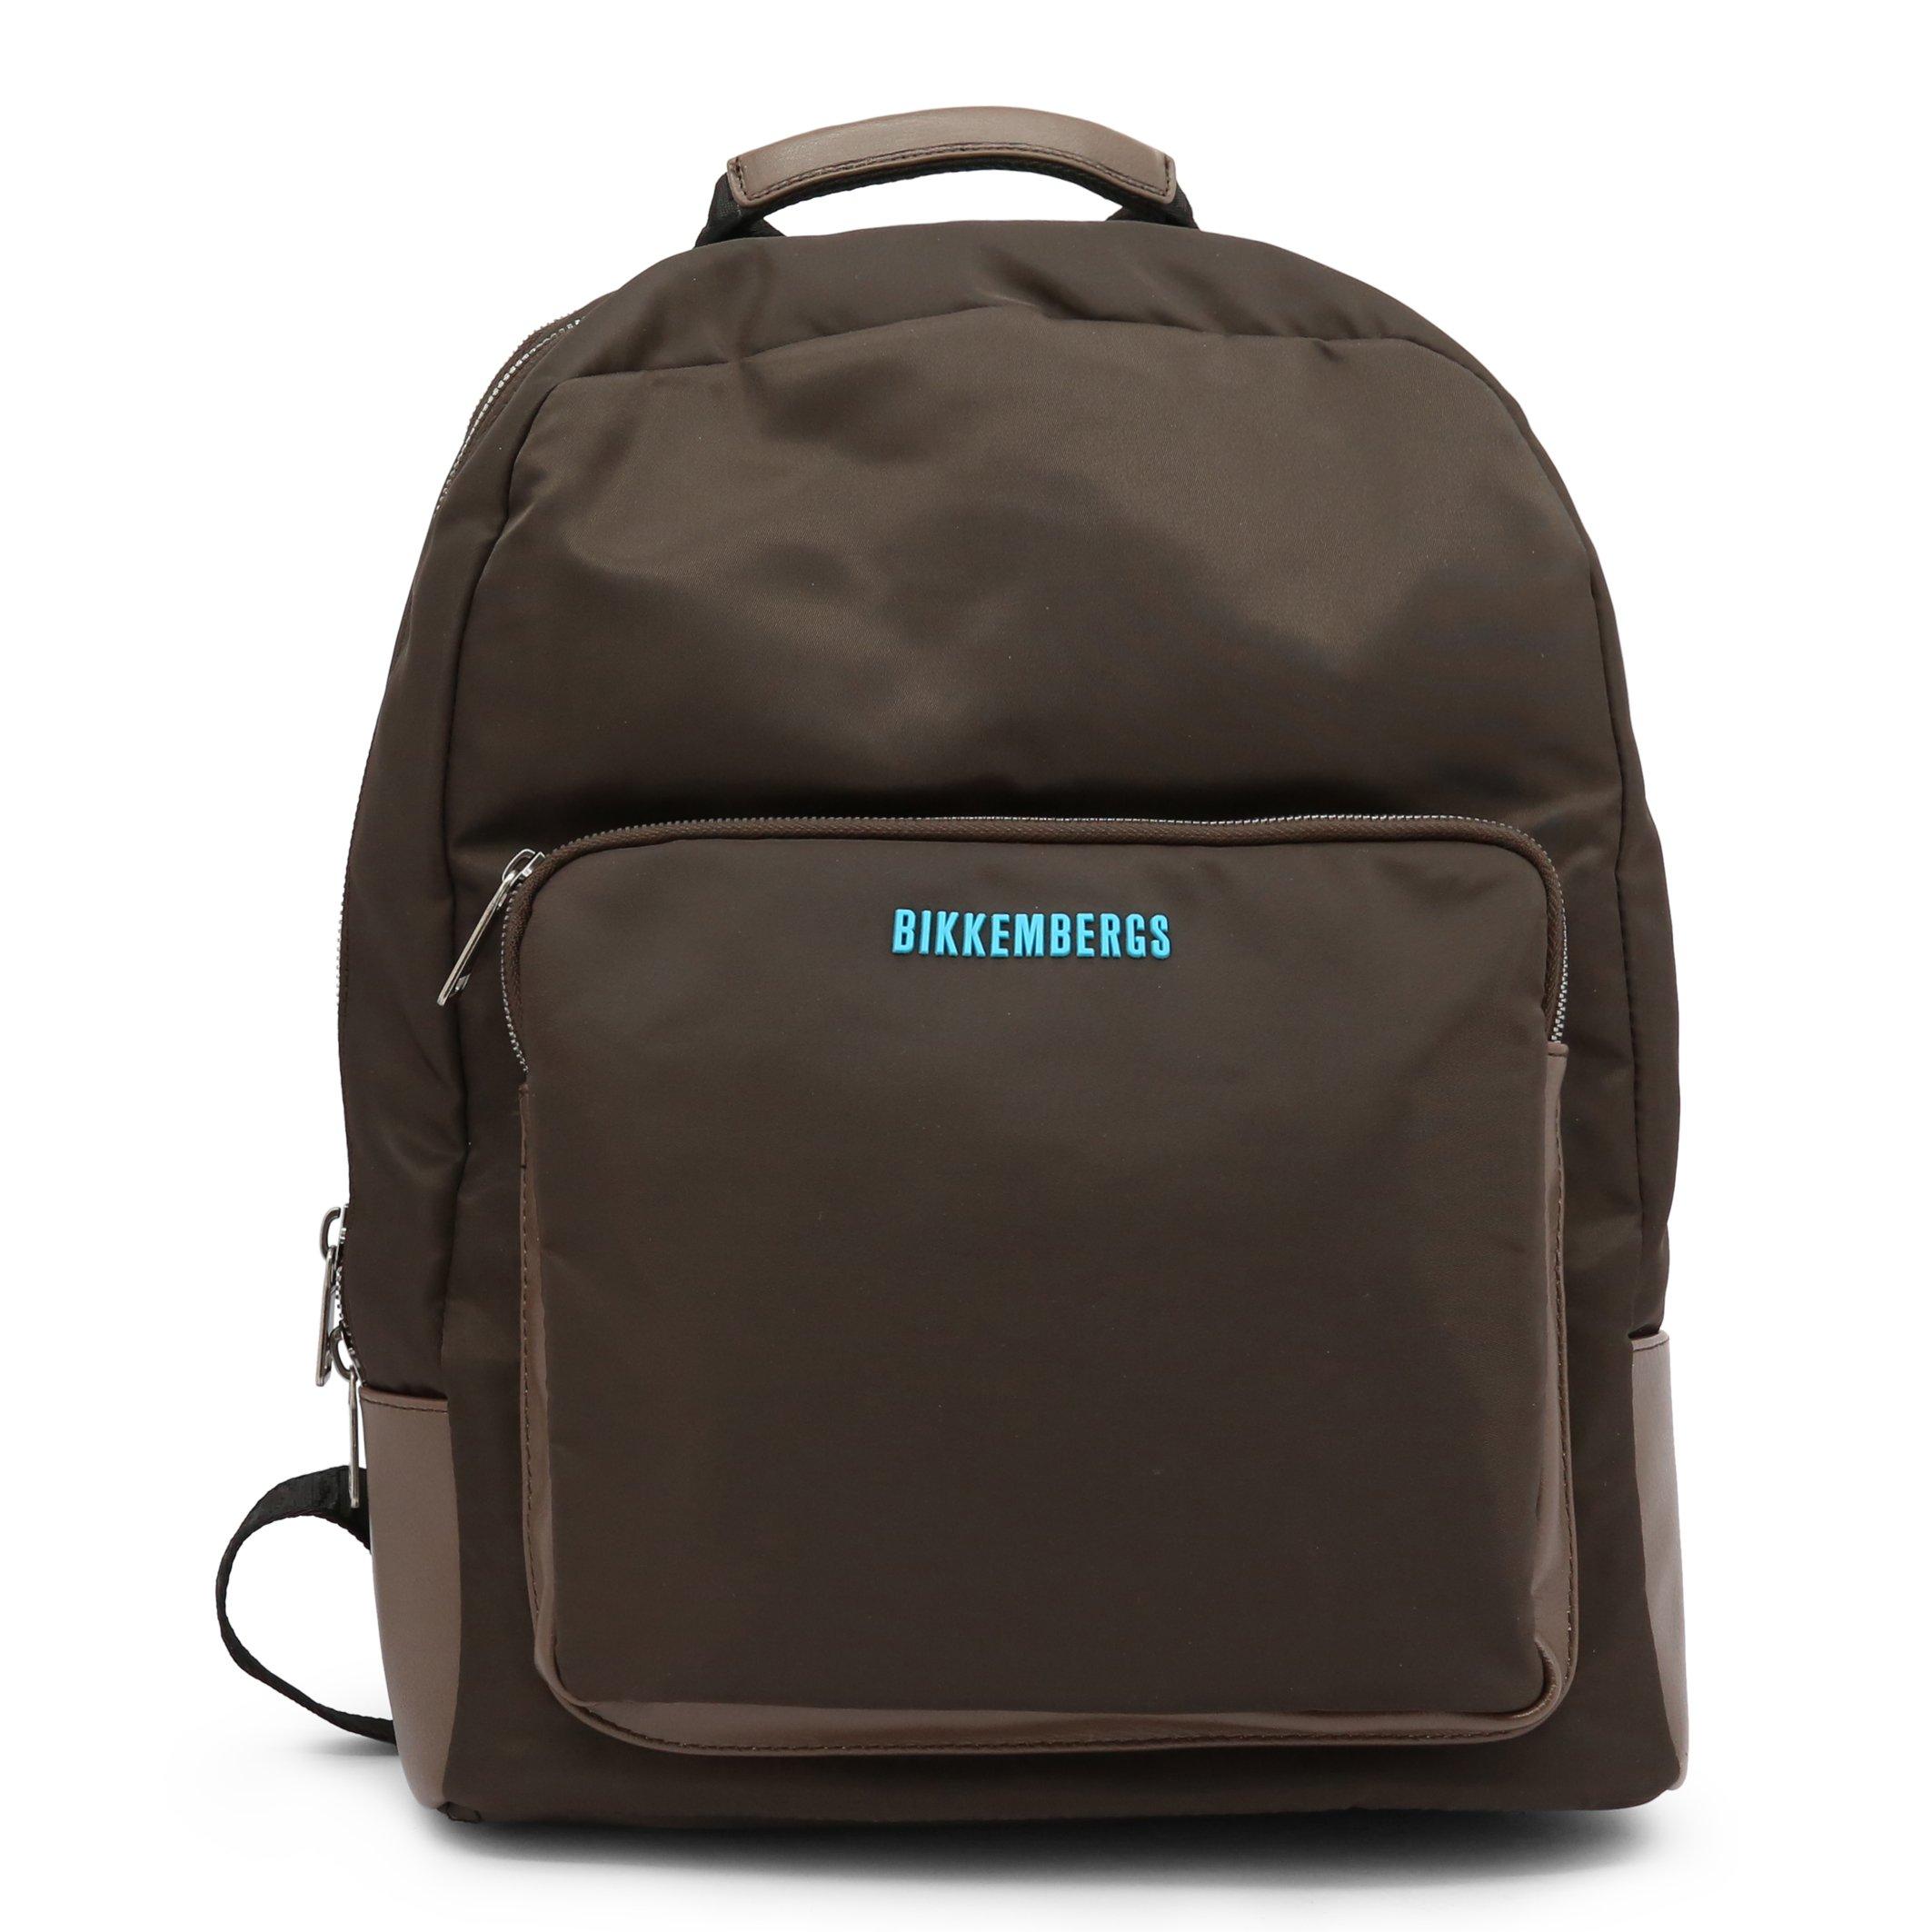 Bikkembergs Men's Backpack Various Colours E2BPME1Q0065 - brown NOSIZE